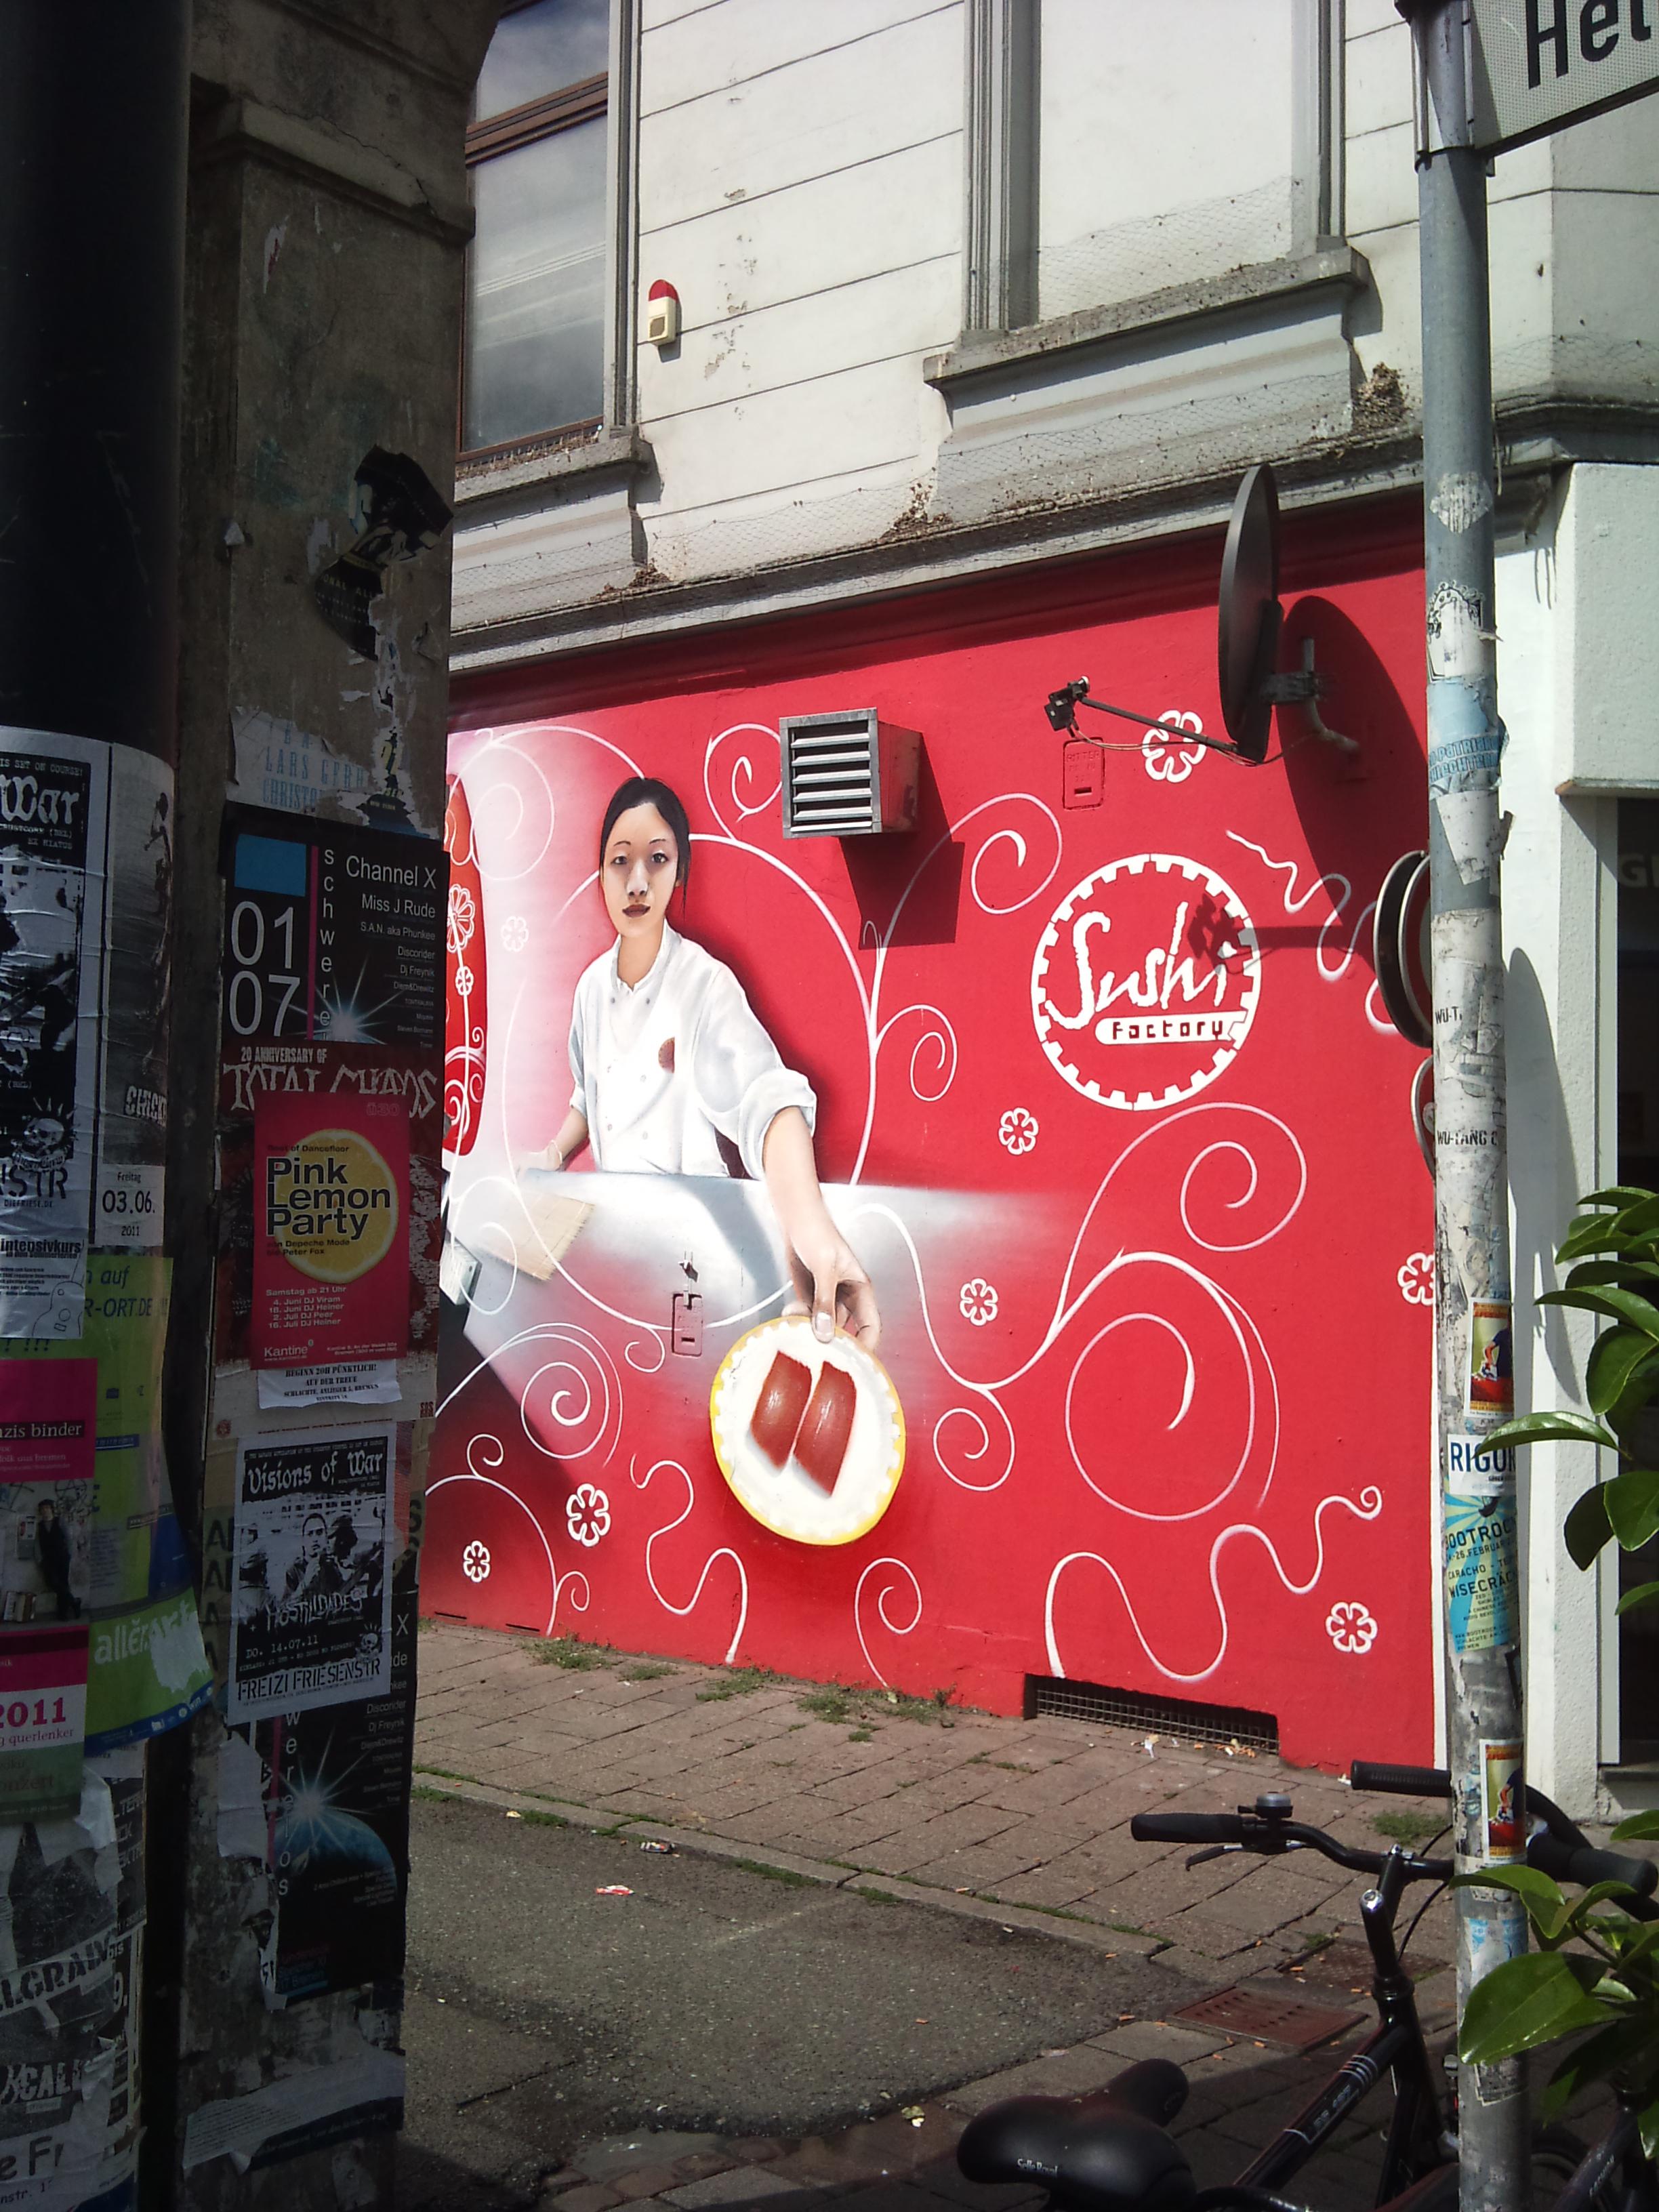 Sushi Helenenstraße